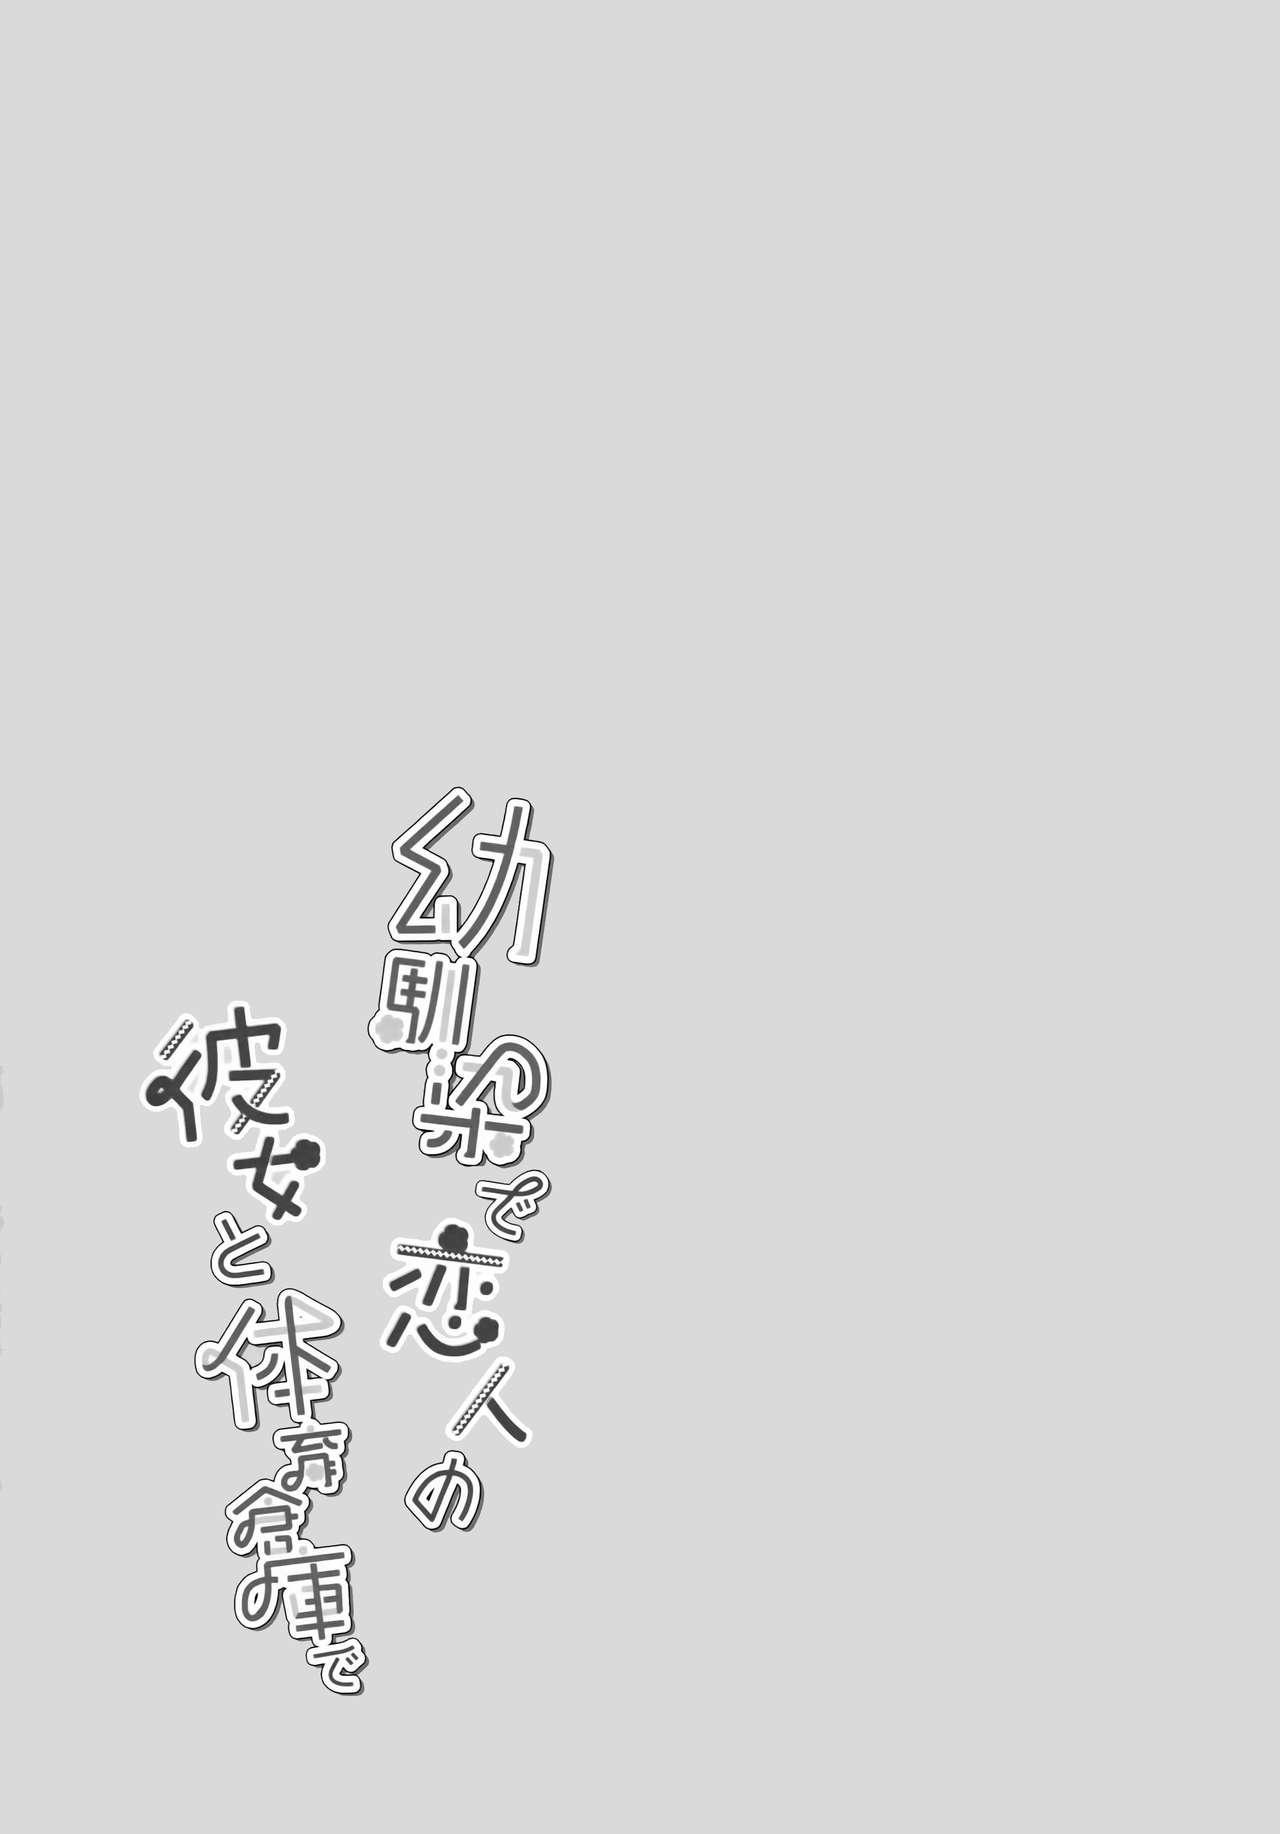 Osananajimi de Koibito no Kanojo to Taiiku Souko de 25